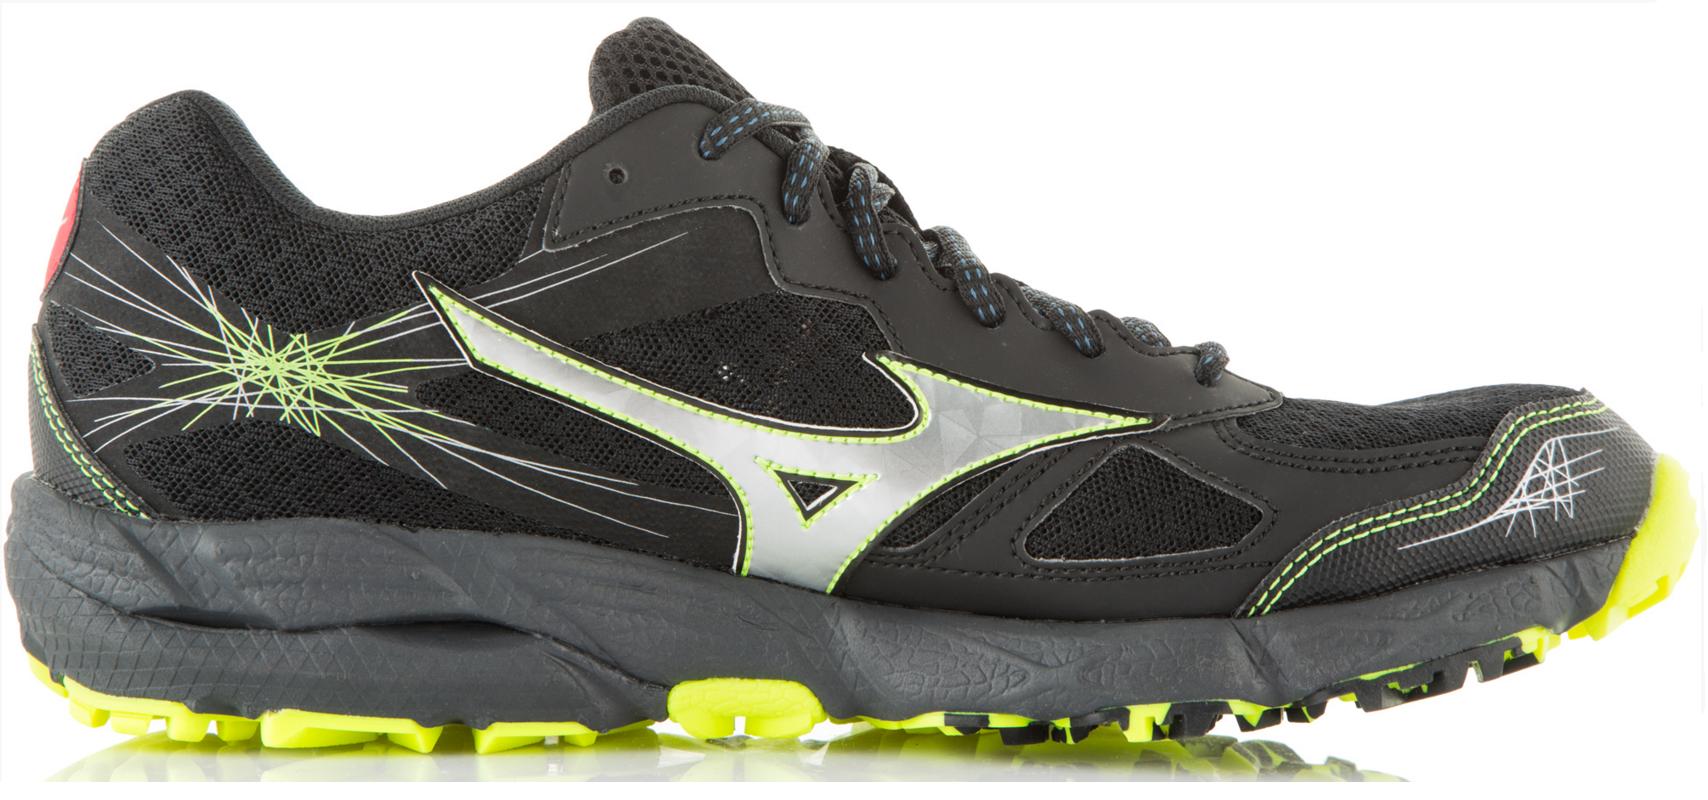 Мужские кроссовки для бега Mizuno Wave KIEN 2 (J1GJ1573 05) черные фото